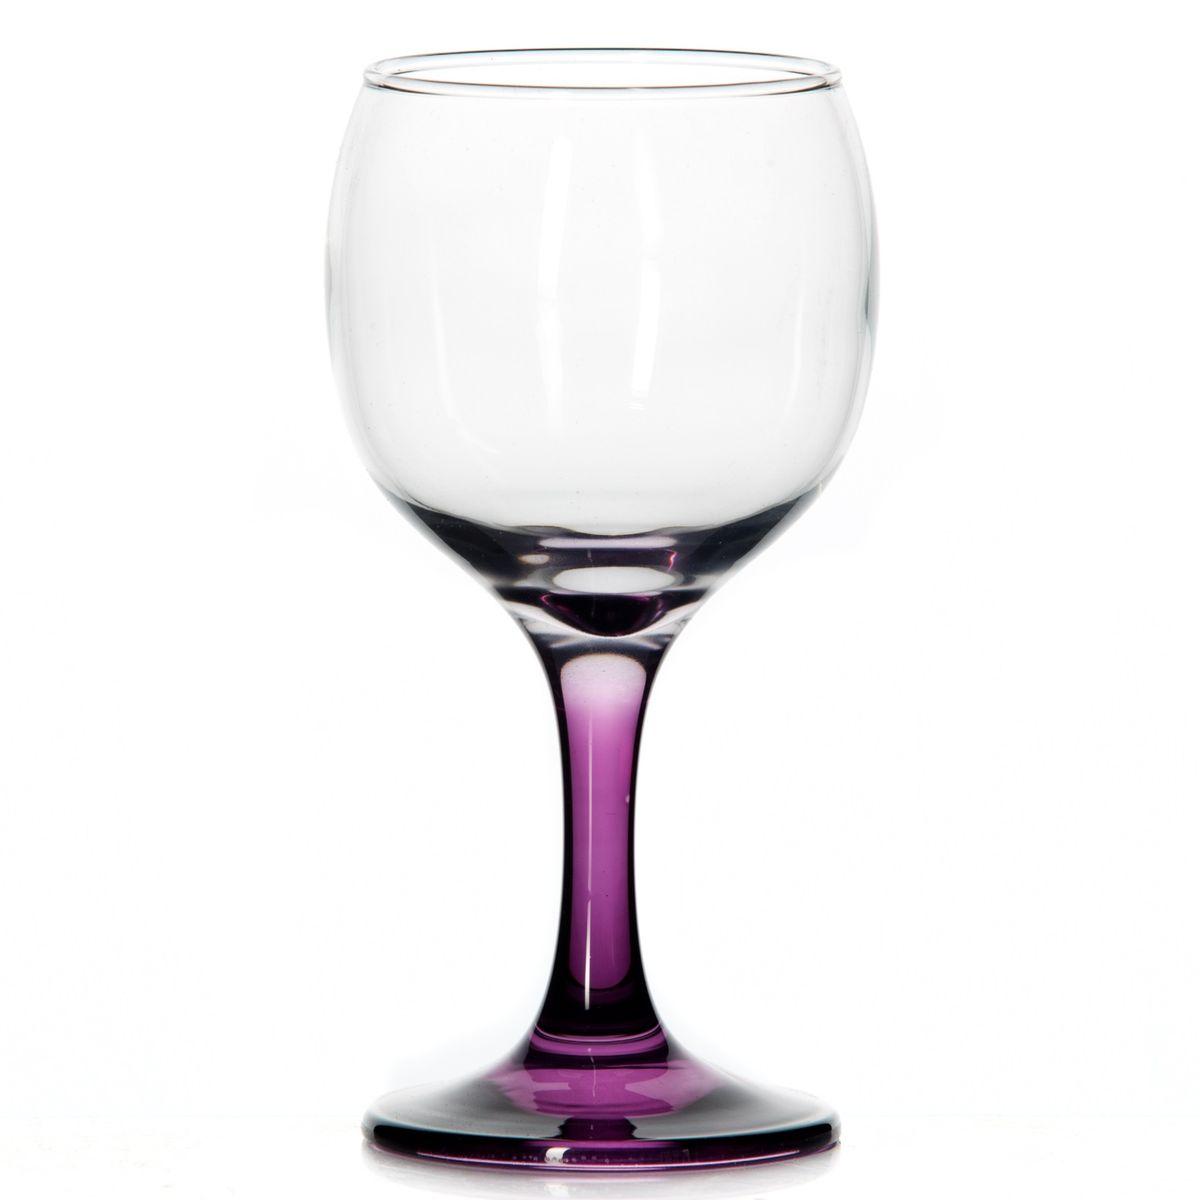 Набор бокалов Pasabahce Glass for You, цвет: сиреневый, 220 мл, 3 шт44412PRНабор Pasabahce Glass for You состоит из трех бокалов, выполненных из натрий-кальций-силикатного стекла. Изделия оснащены элегантными ножками. Бокалы сочетают всебе изысканный дизайн и функциональность. Благодаря такомунабору пить напитки будет еще вкуснее. Набор бокалов Pasabahce Glass for You прекрасно оформит праздничный стол исоздастприятную атмосферу за романтическим ужином. Такой набор также станетхорошим подарком к любому случаю.Диаметр бокала (по верхнему краю): 6 см.Высота бокала: 15 см.